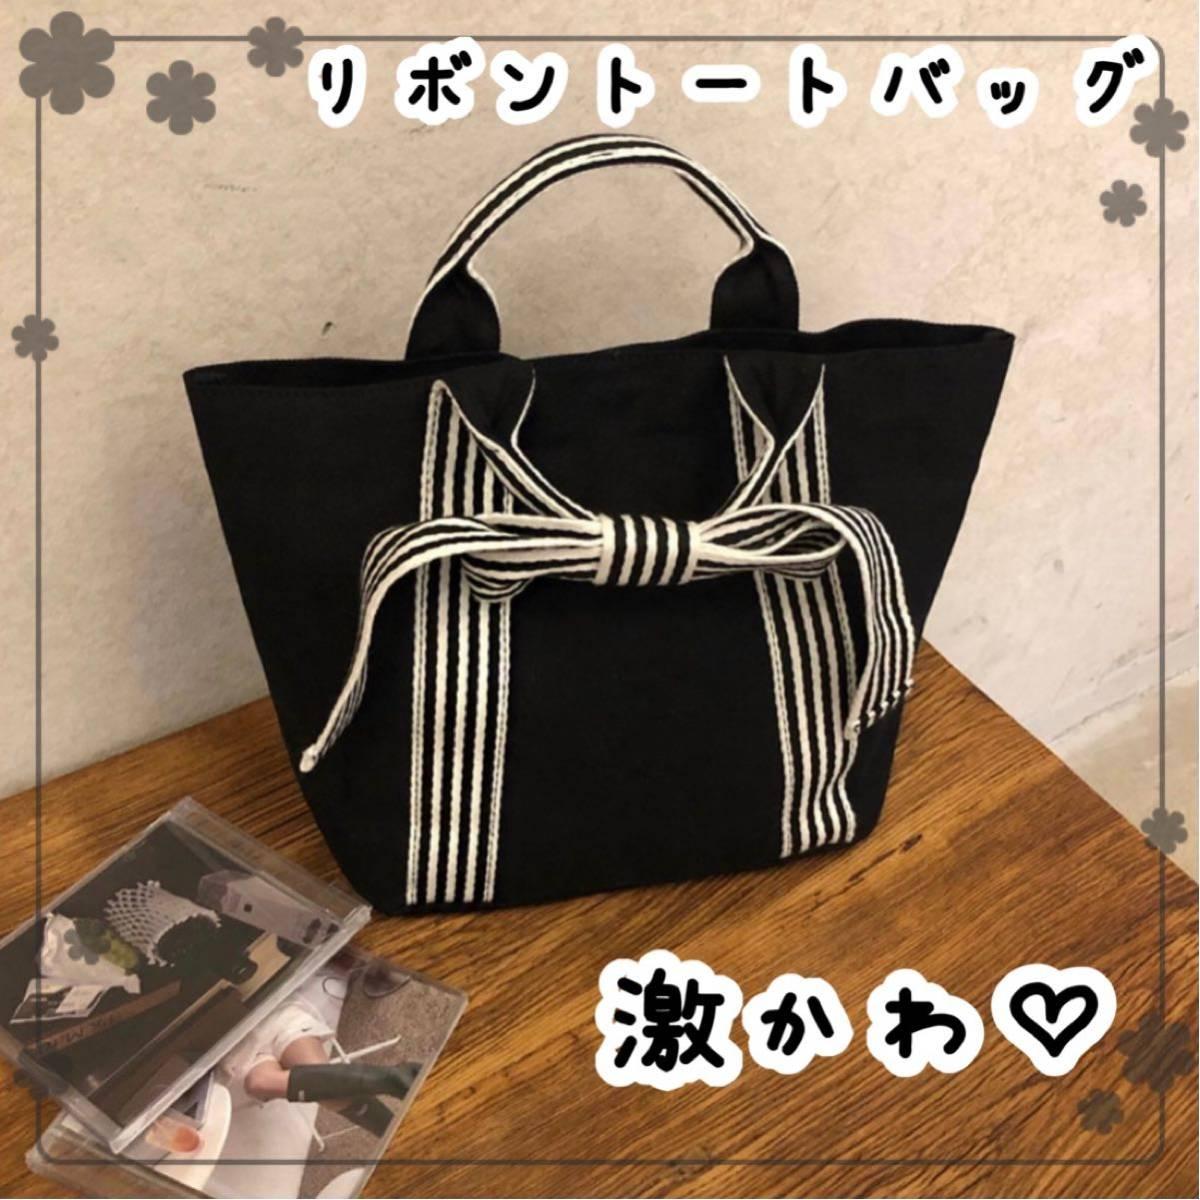 トートバッグ リボン キャンバス ミニトート A4 リボン 黒 ブラック